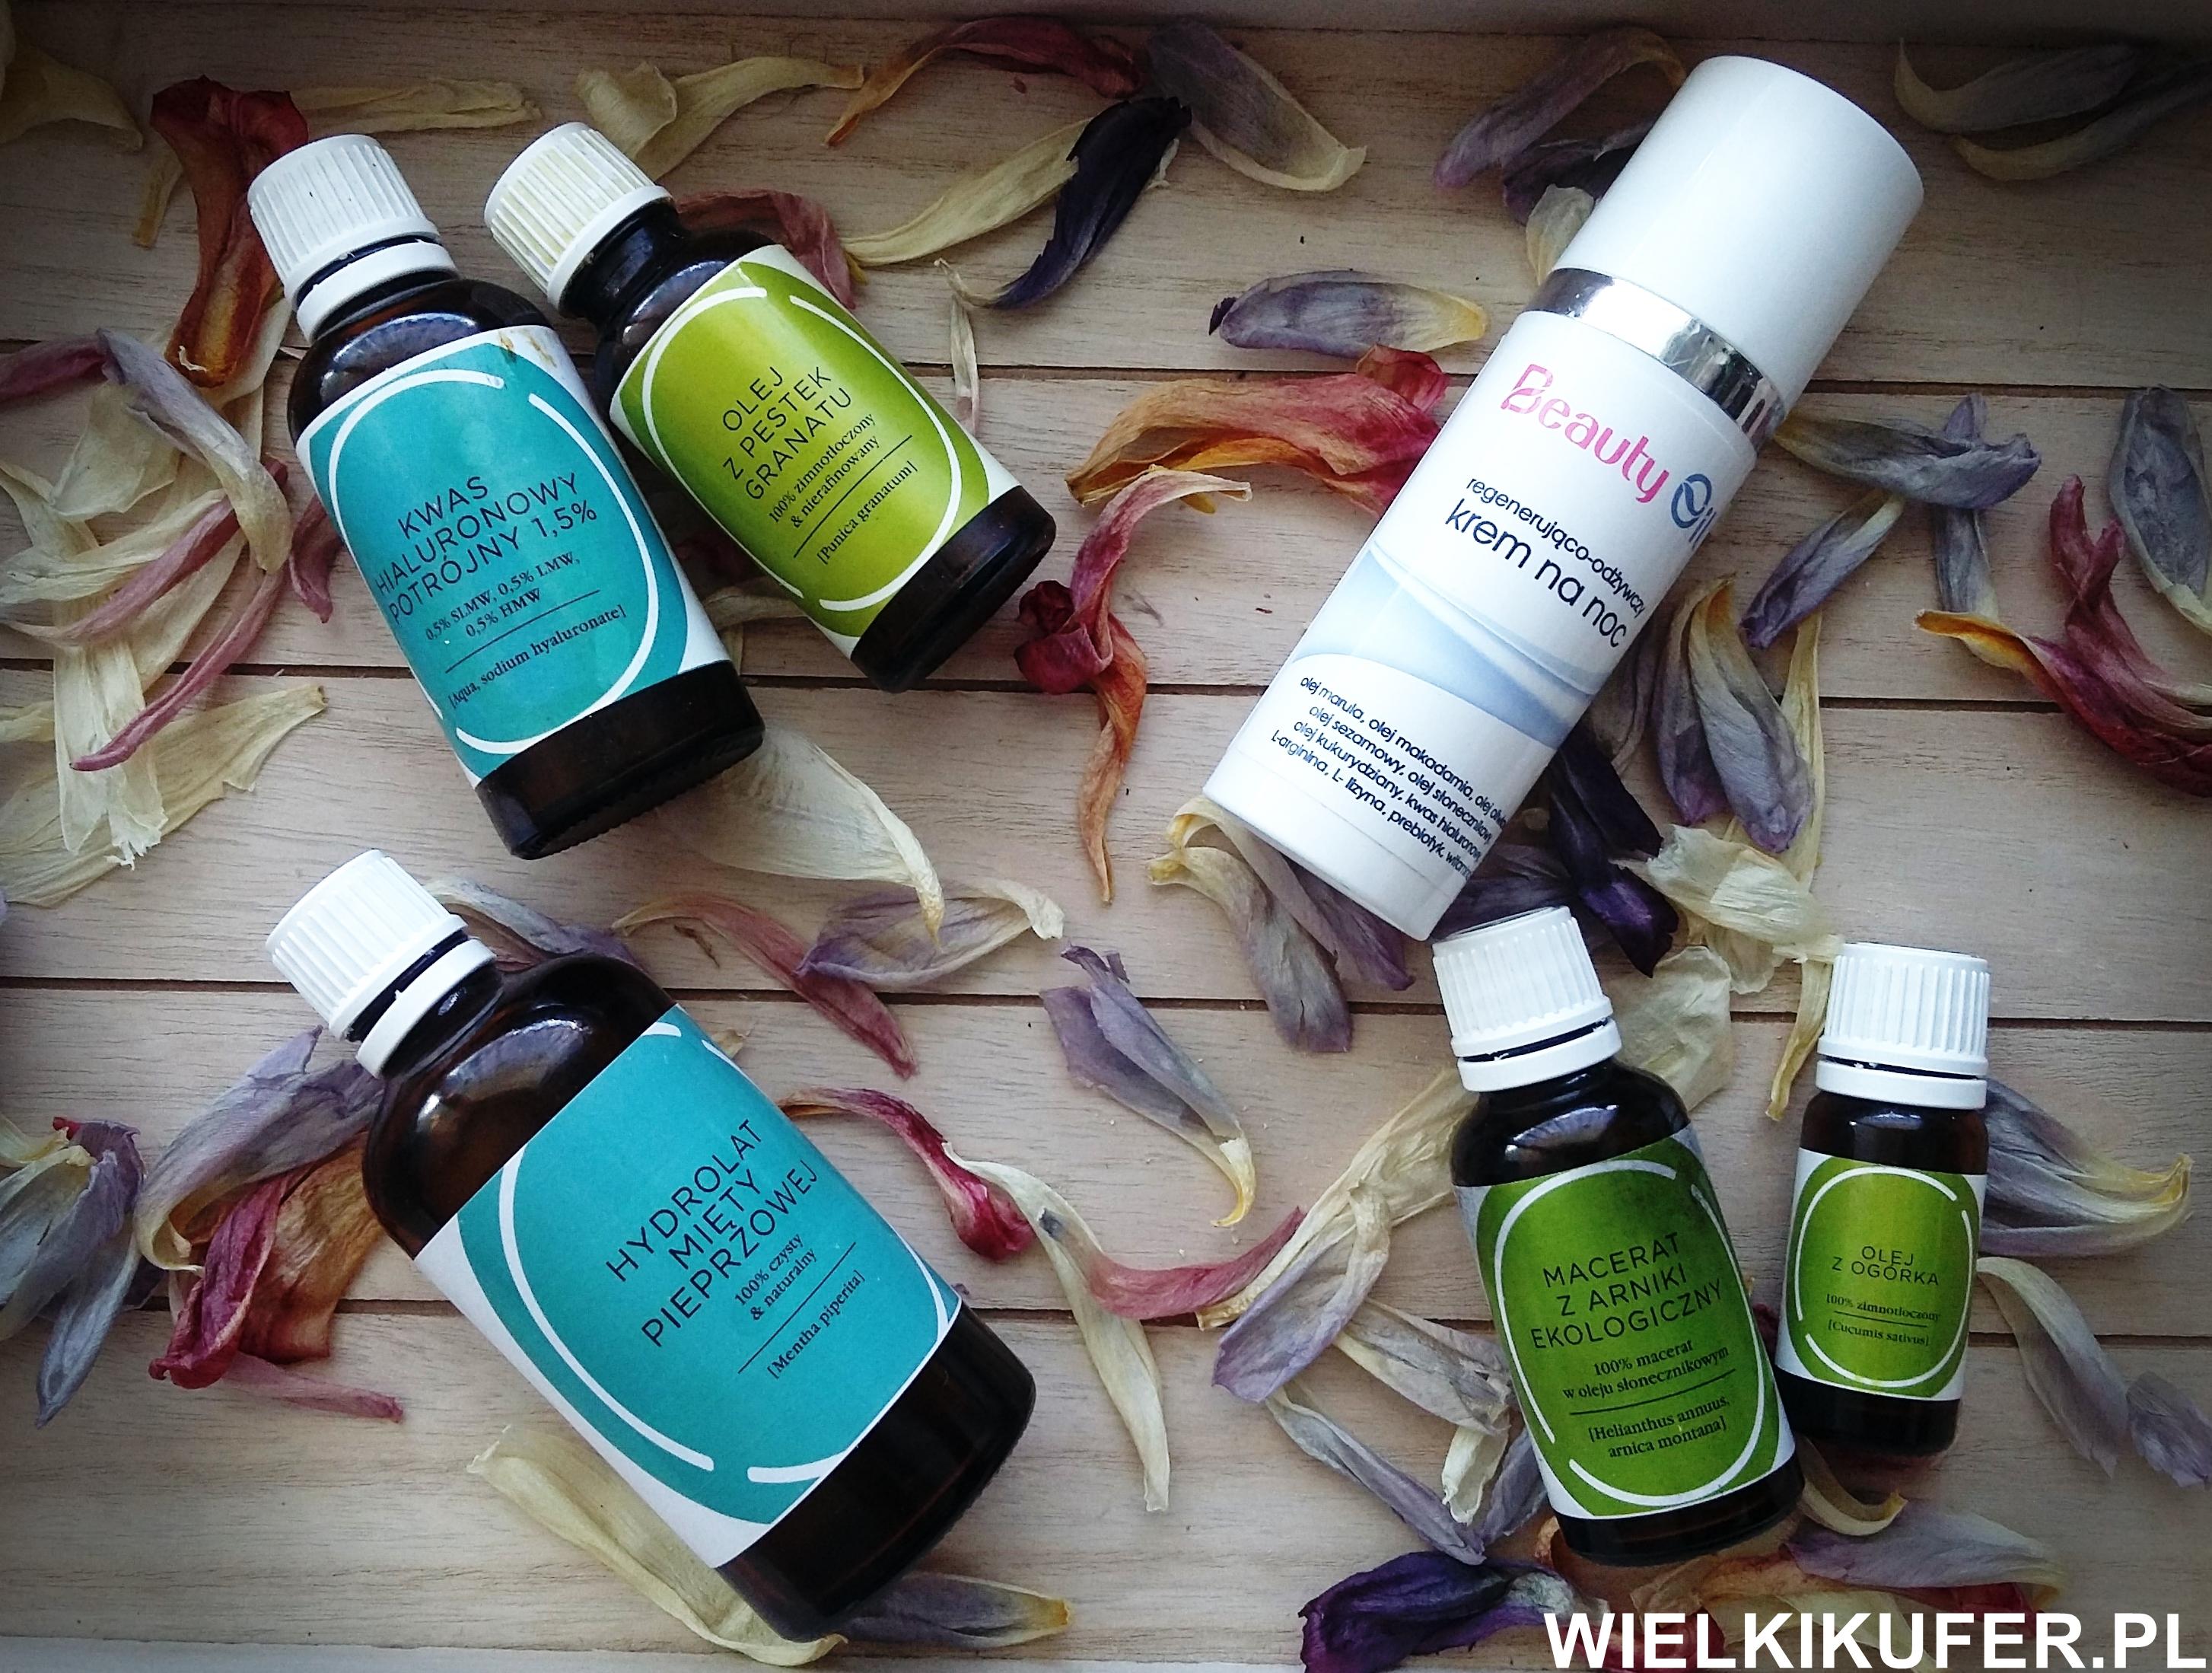 Wieczorna naturalna pielęgnacja skóry- oleje, hydrolaty, kwas hialuronowy, odżywczy naturalny krem